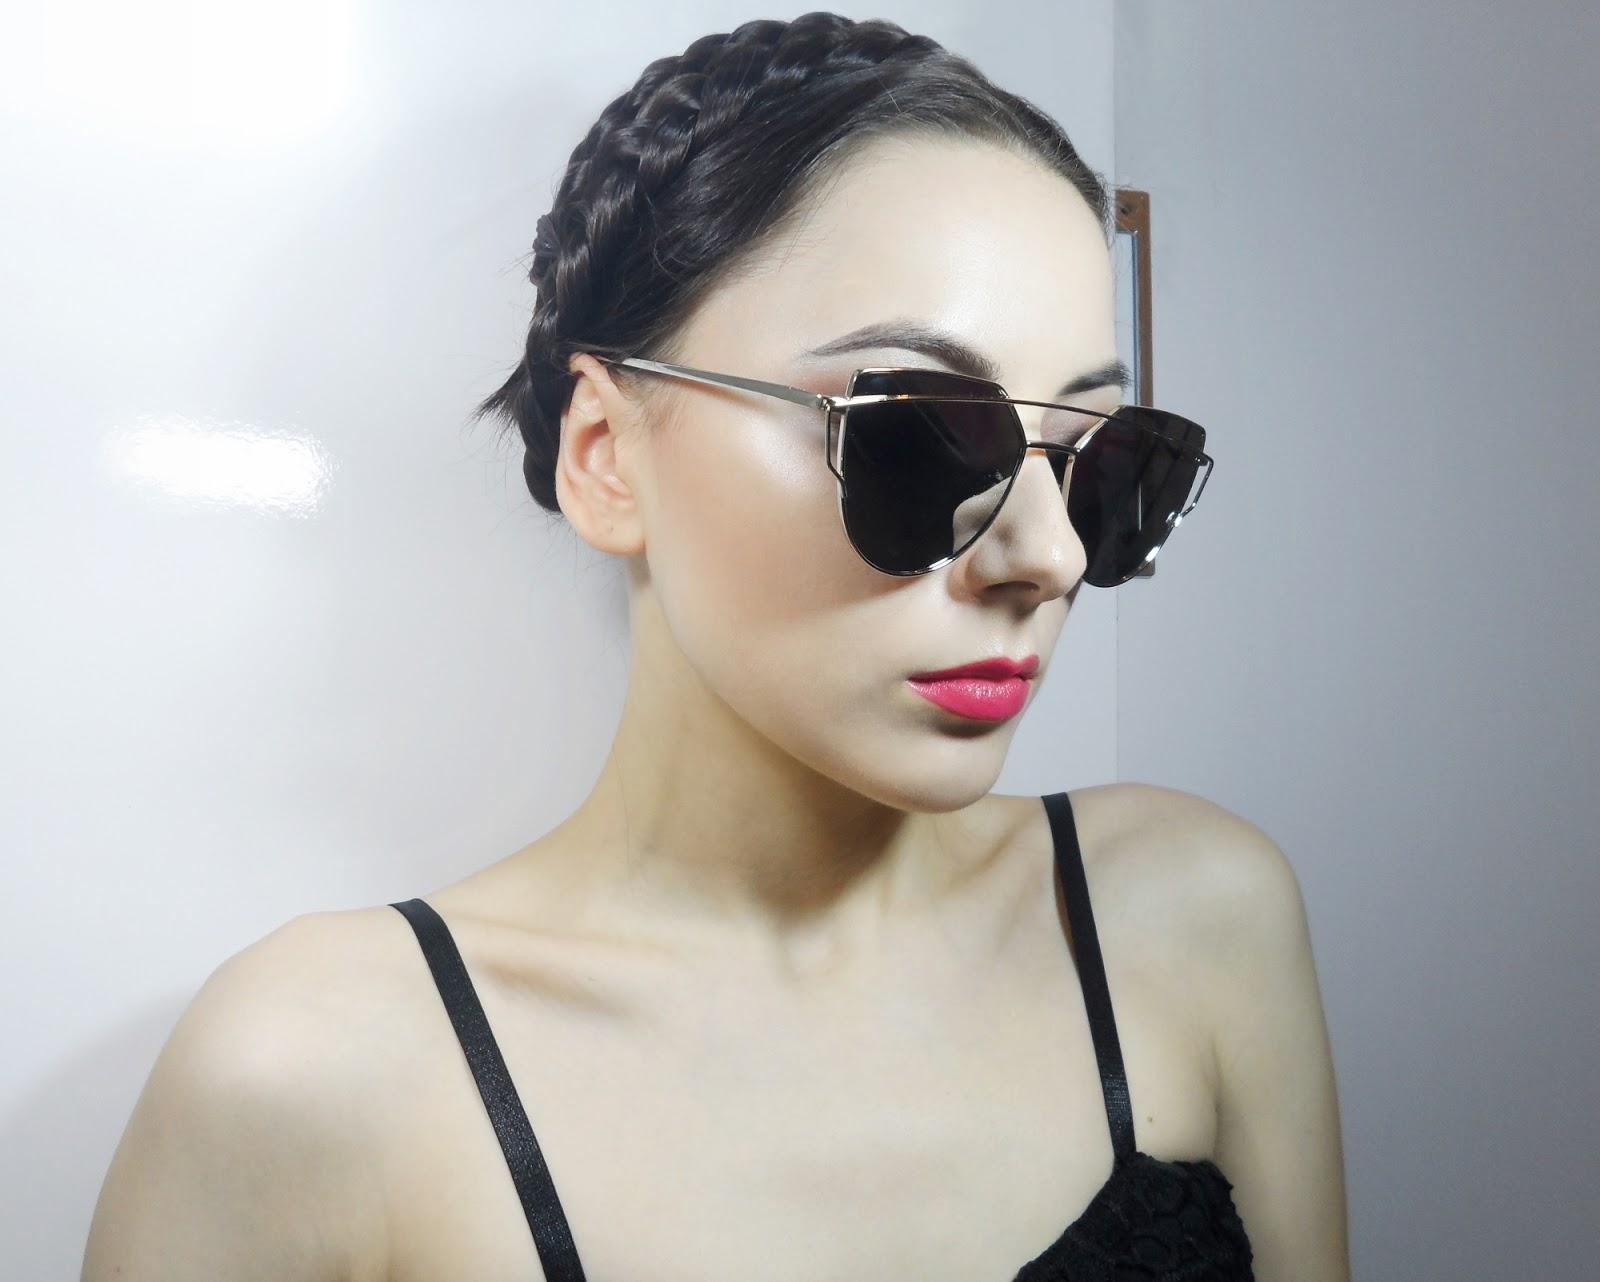 nerd girl glasses